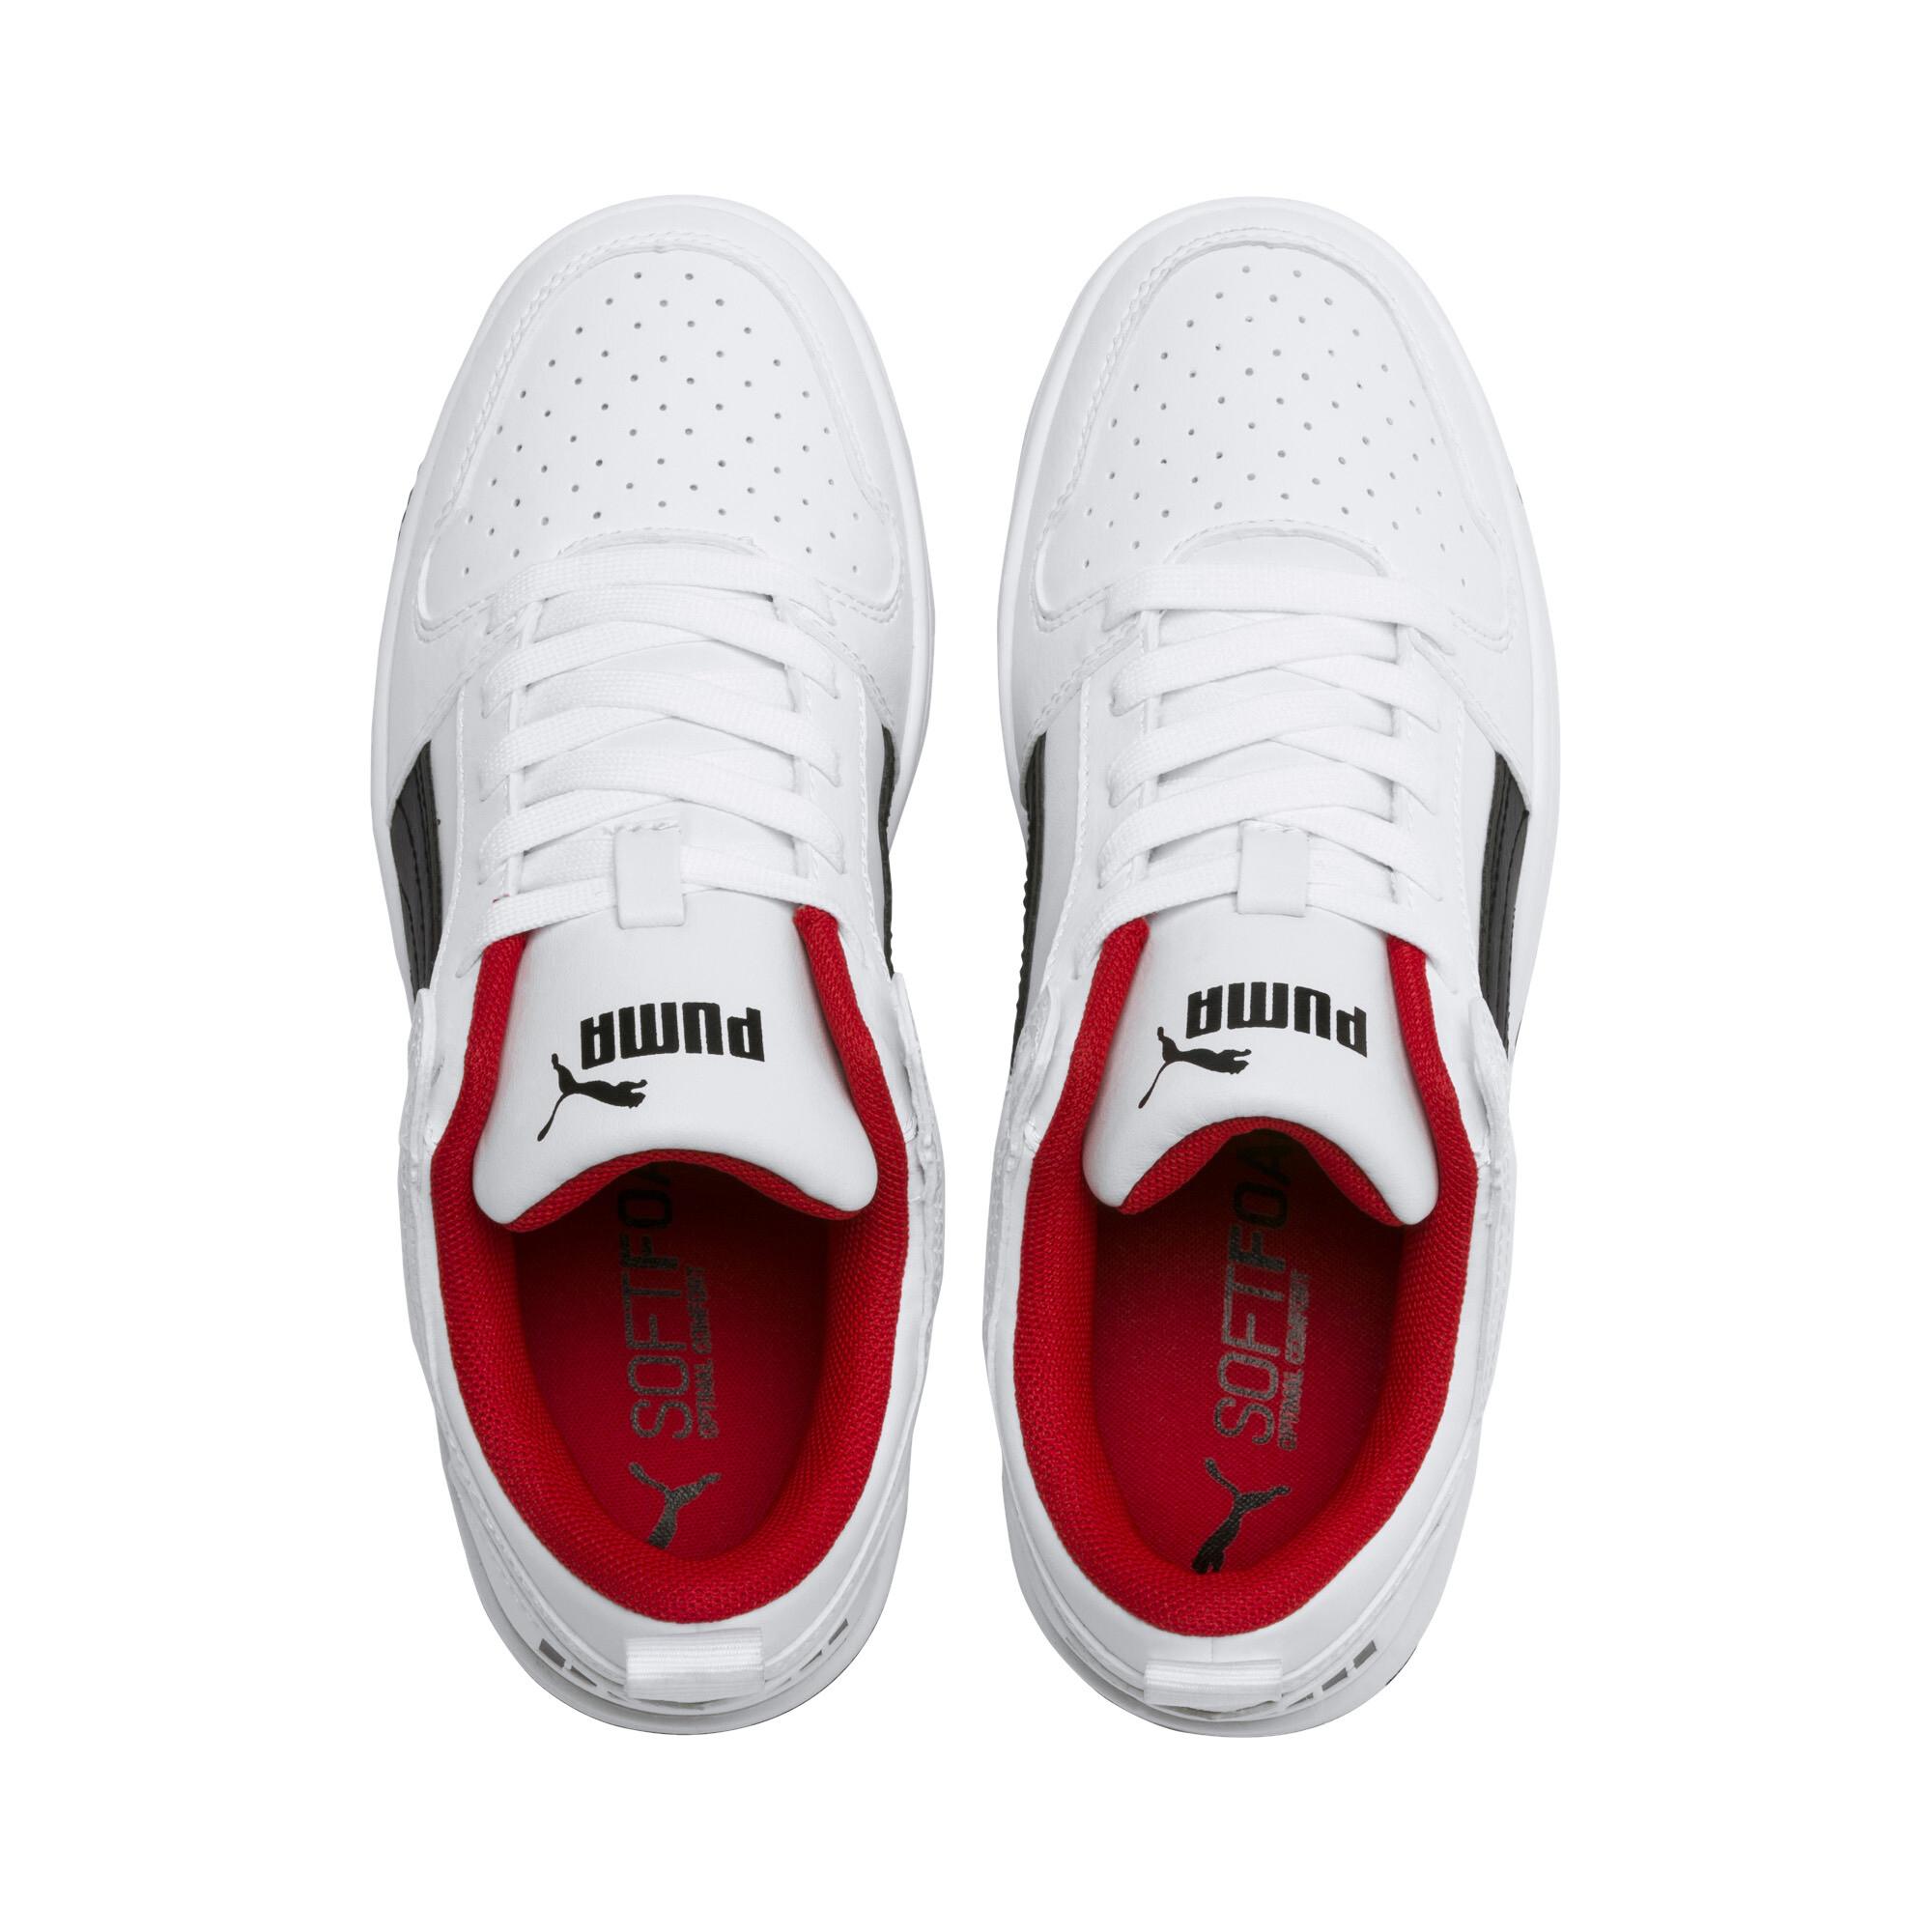 PUMA-PUMA-Rebound-LayUp-Lo-Sneakers-JR-Boys-Shoe-Kids thumbnail 13